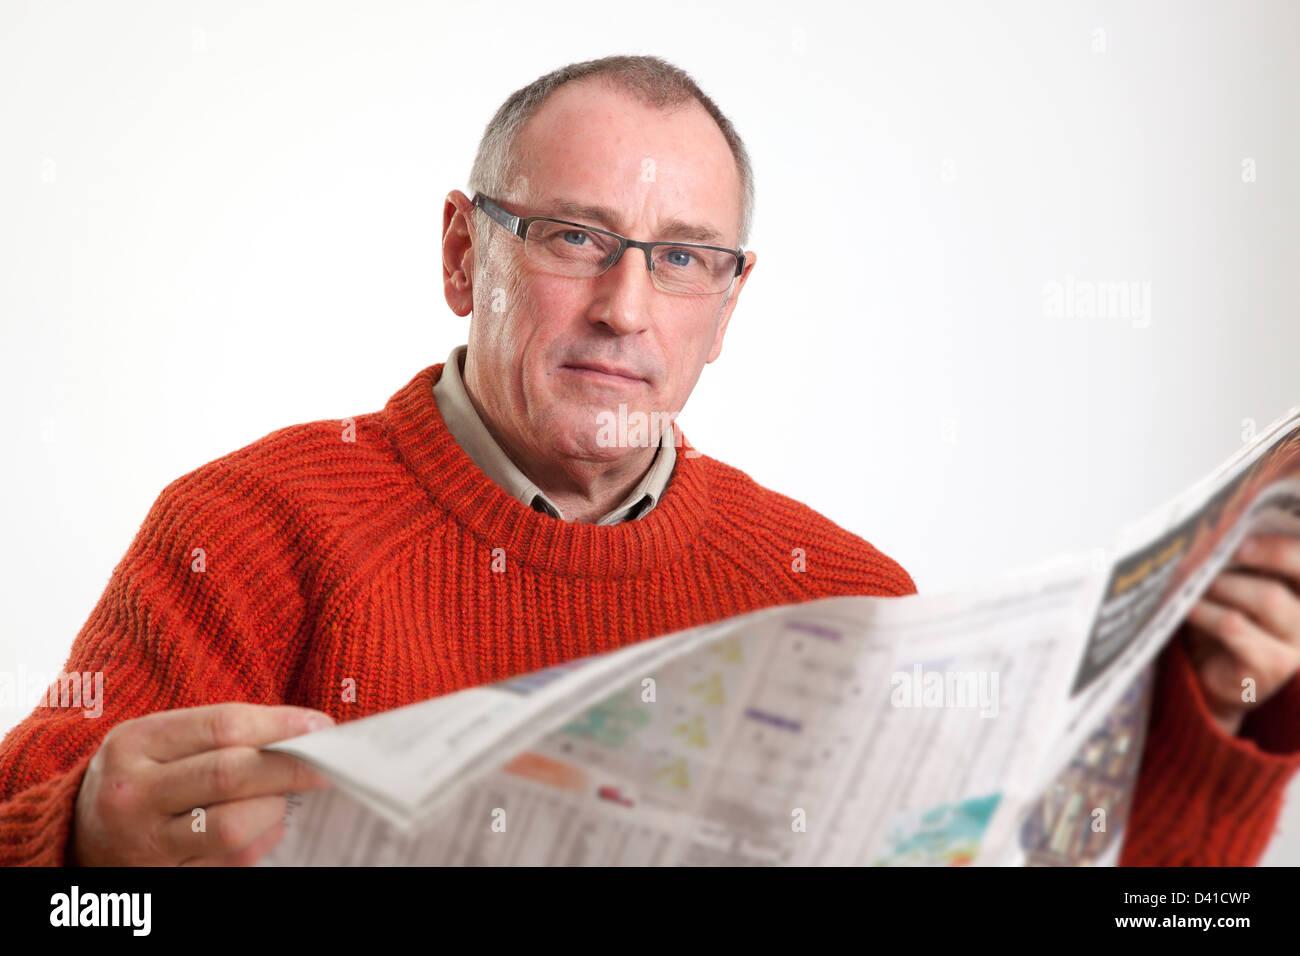 Uomo maturo in 50s che indossa un maglione, la lettura di un quotidiano broadsheet, guardando alla telecamera gravi. Immagini Stock